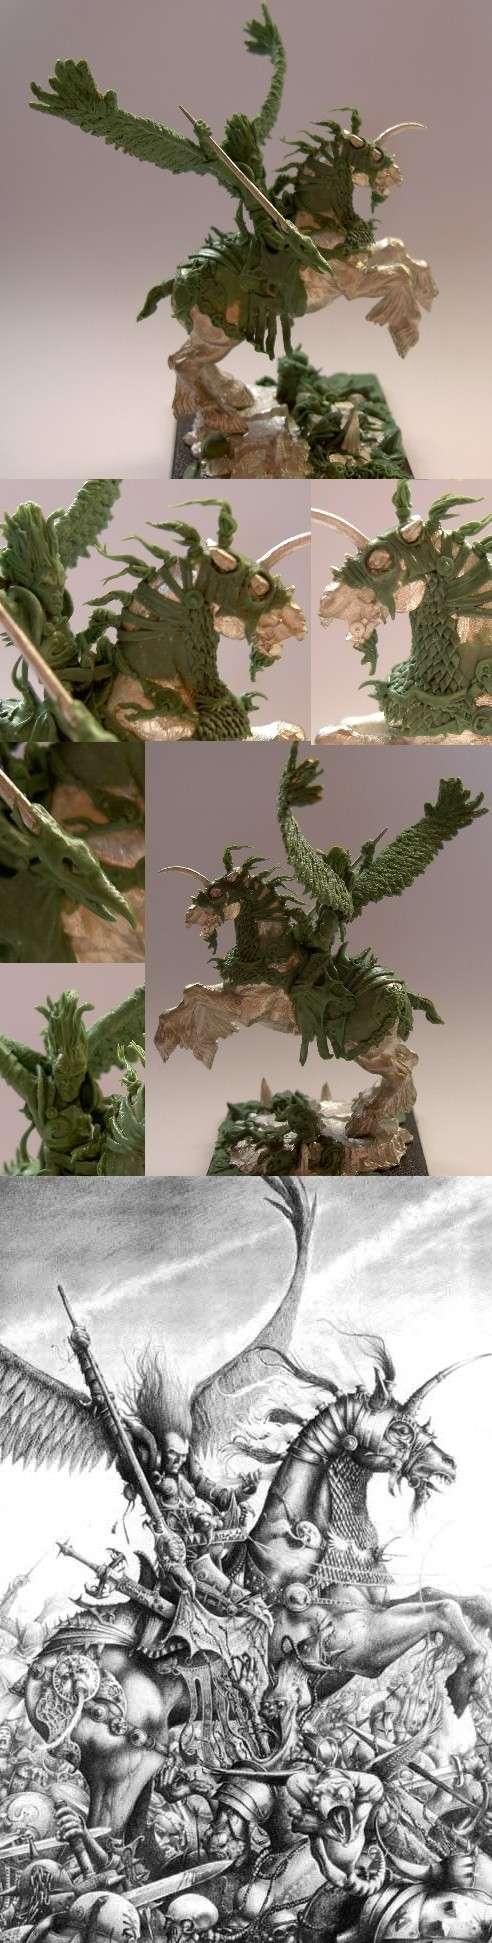 Dharkar-lord of tzeentch,green